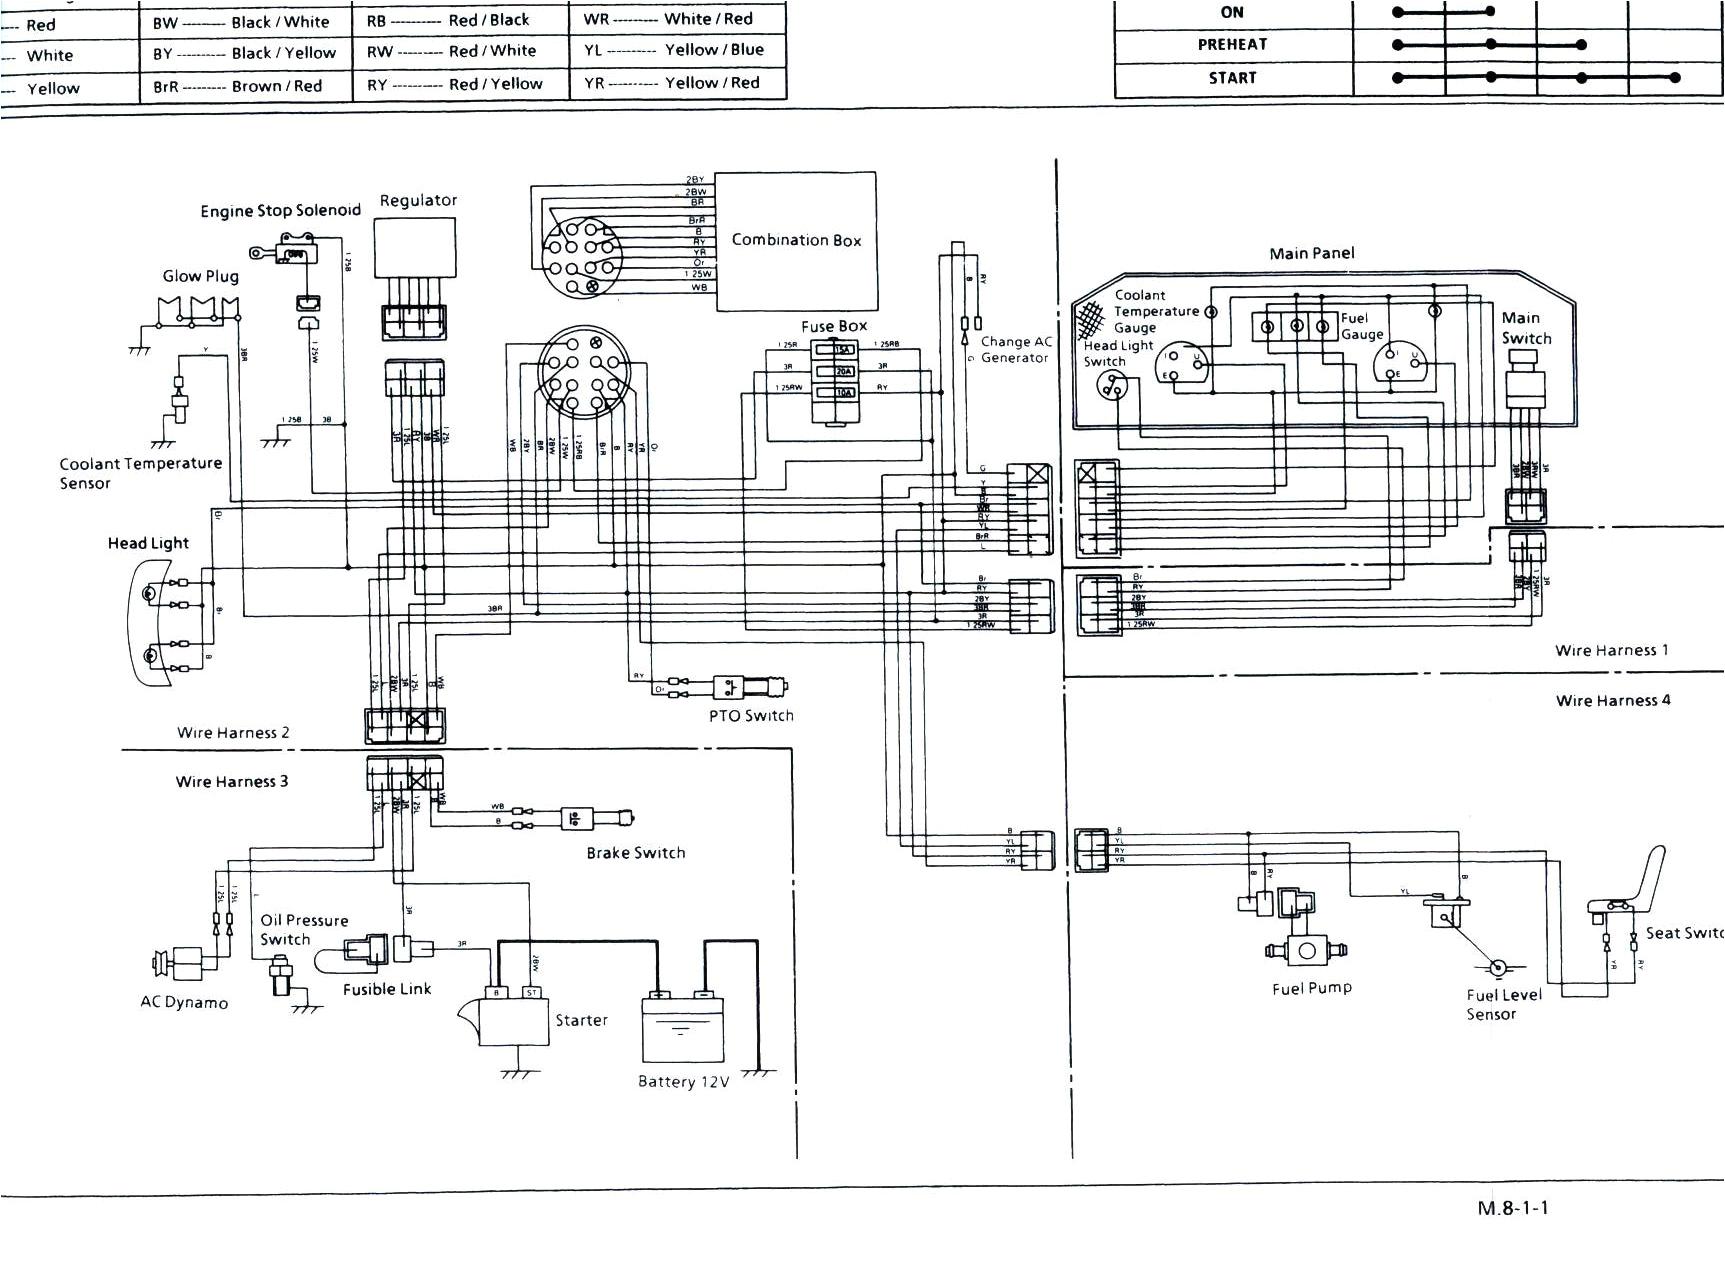 kubota mower wiring diagram wiring diagrams bibkubota diesel engine wiring diagram 9